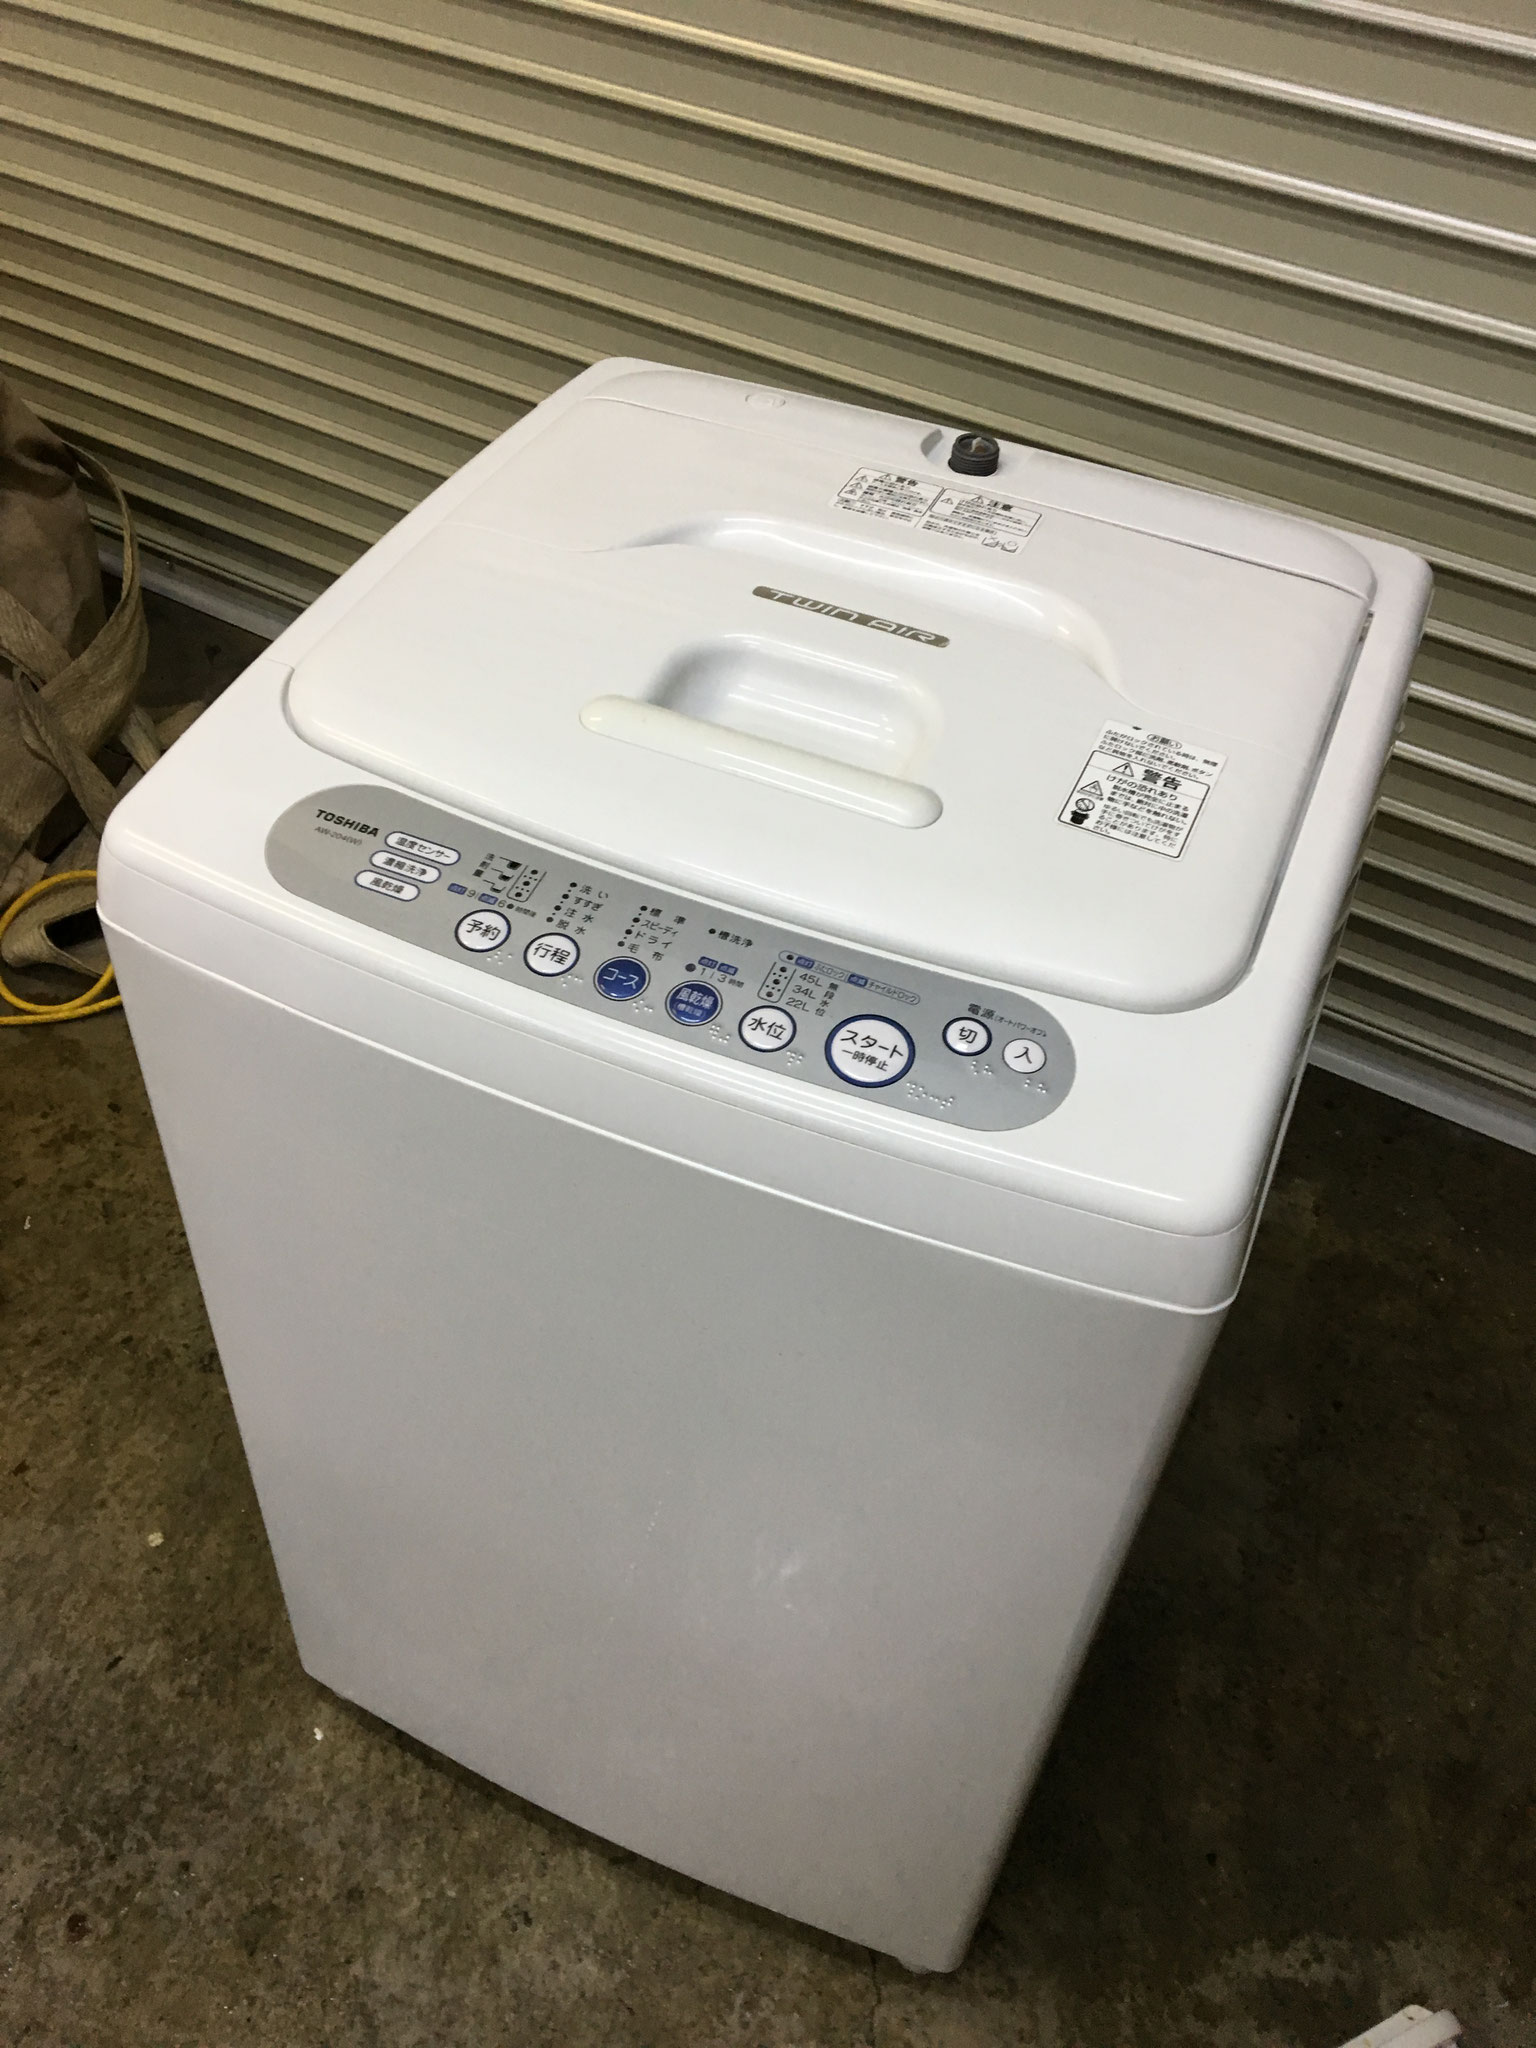 2010年製4.2㎏札幌洗濯機買取0円